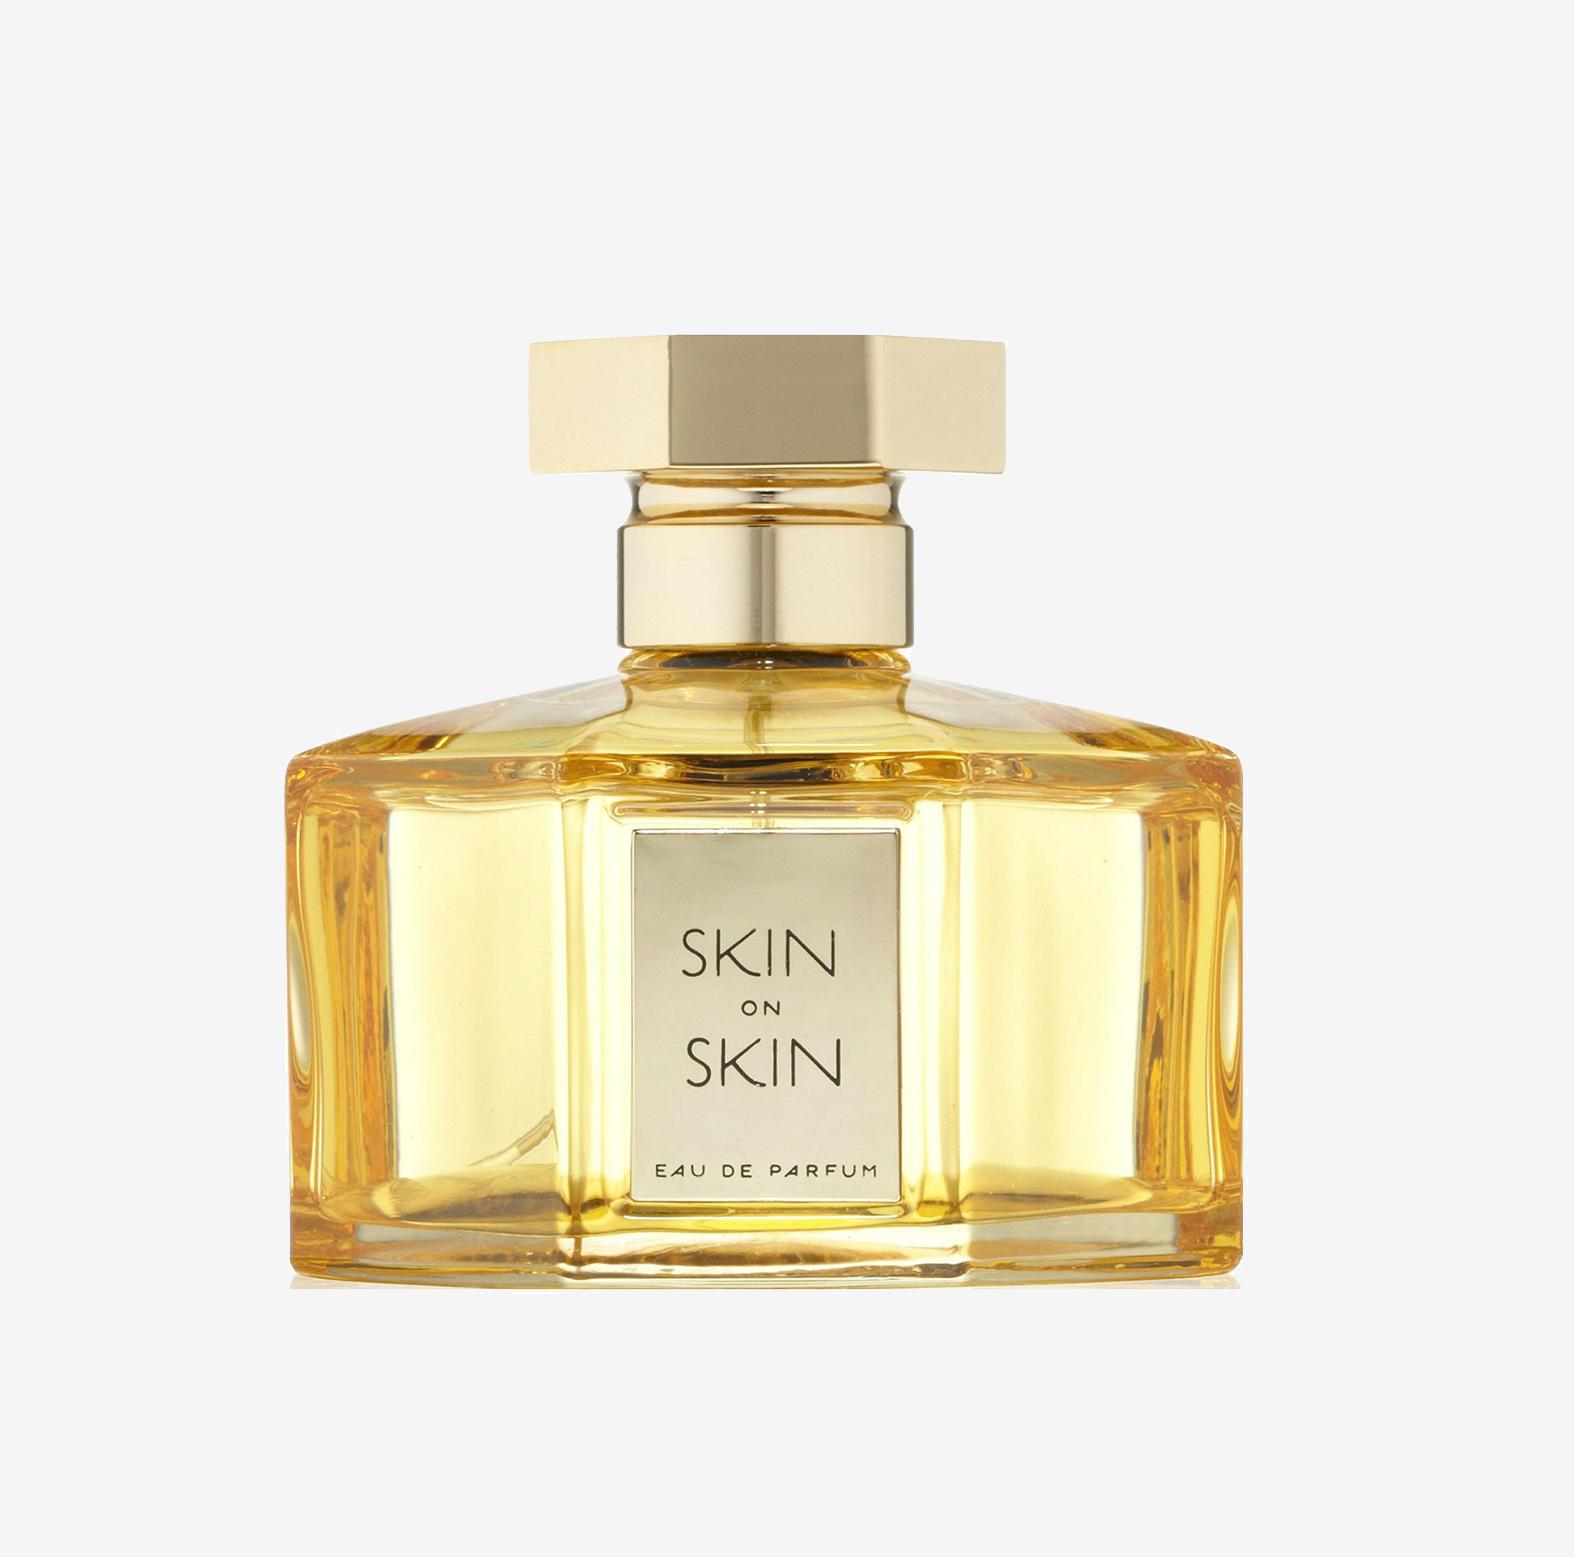 Skin On Skin, L'Artisan Parfumer